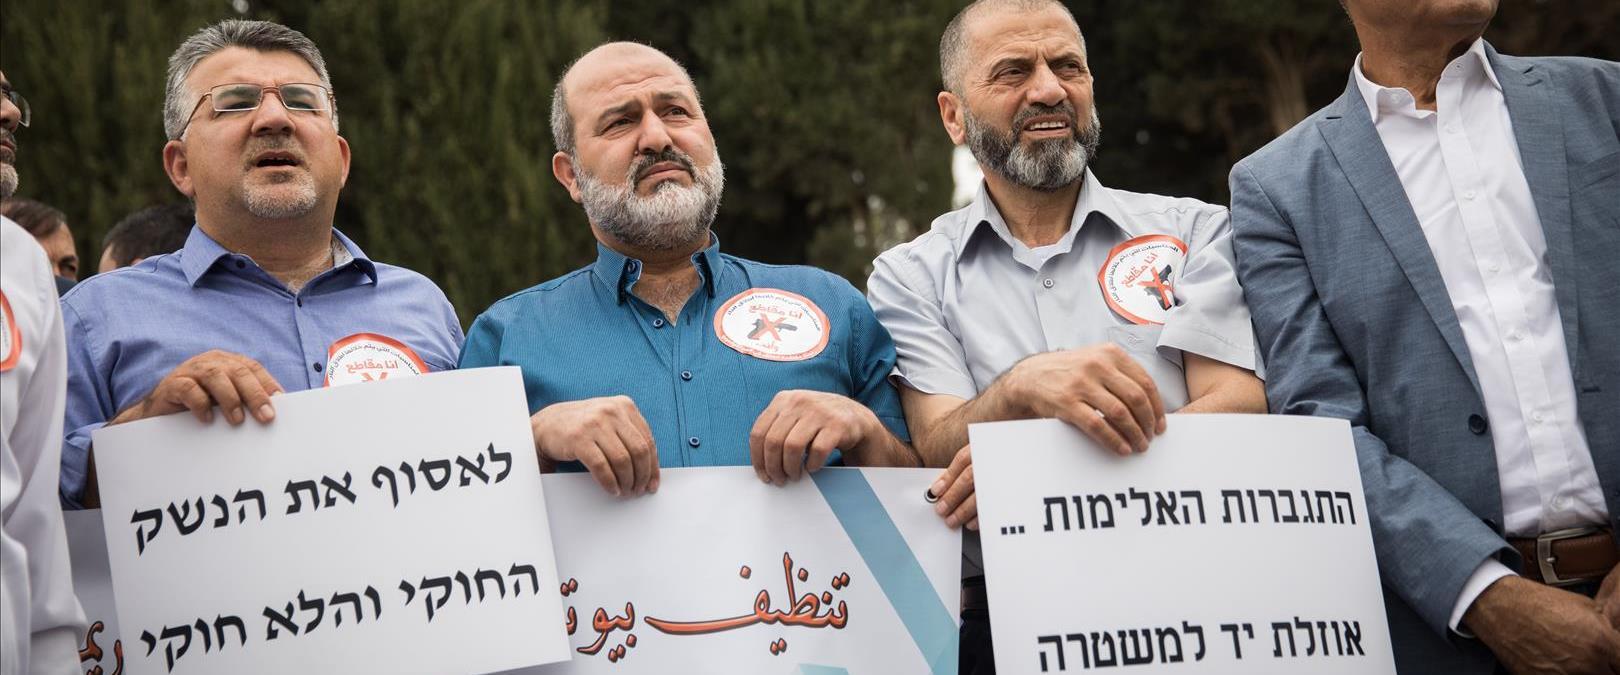 הפגנה נגד האלימות במגזר הערבי, 2019